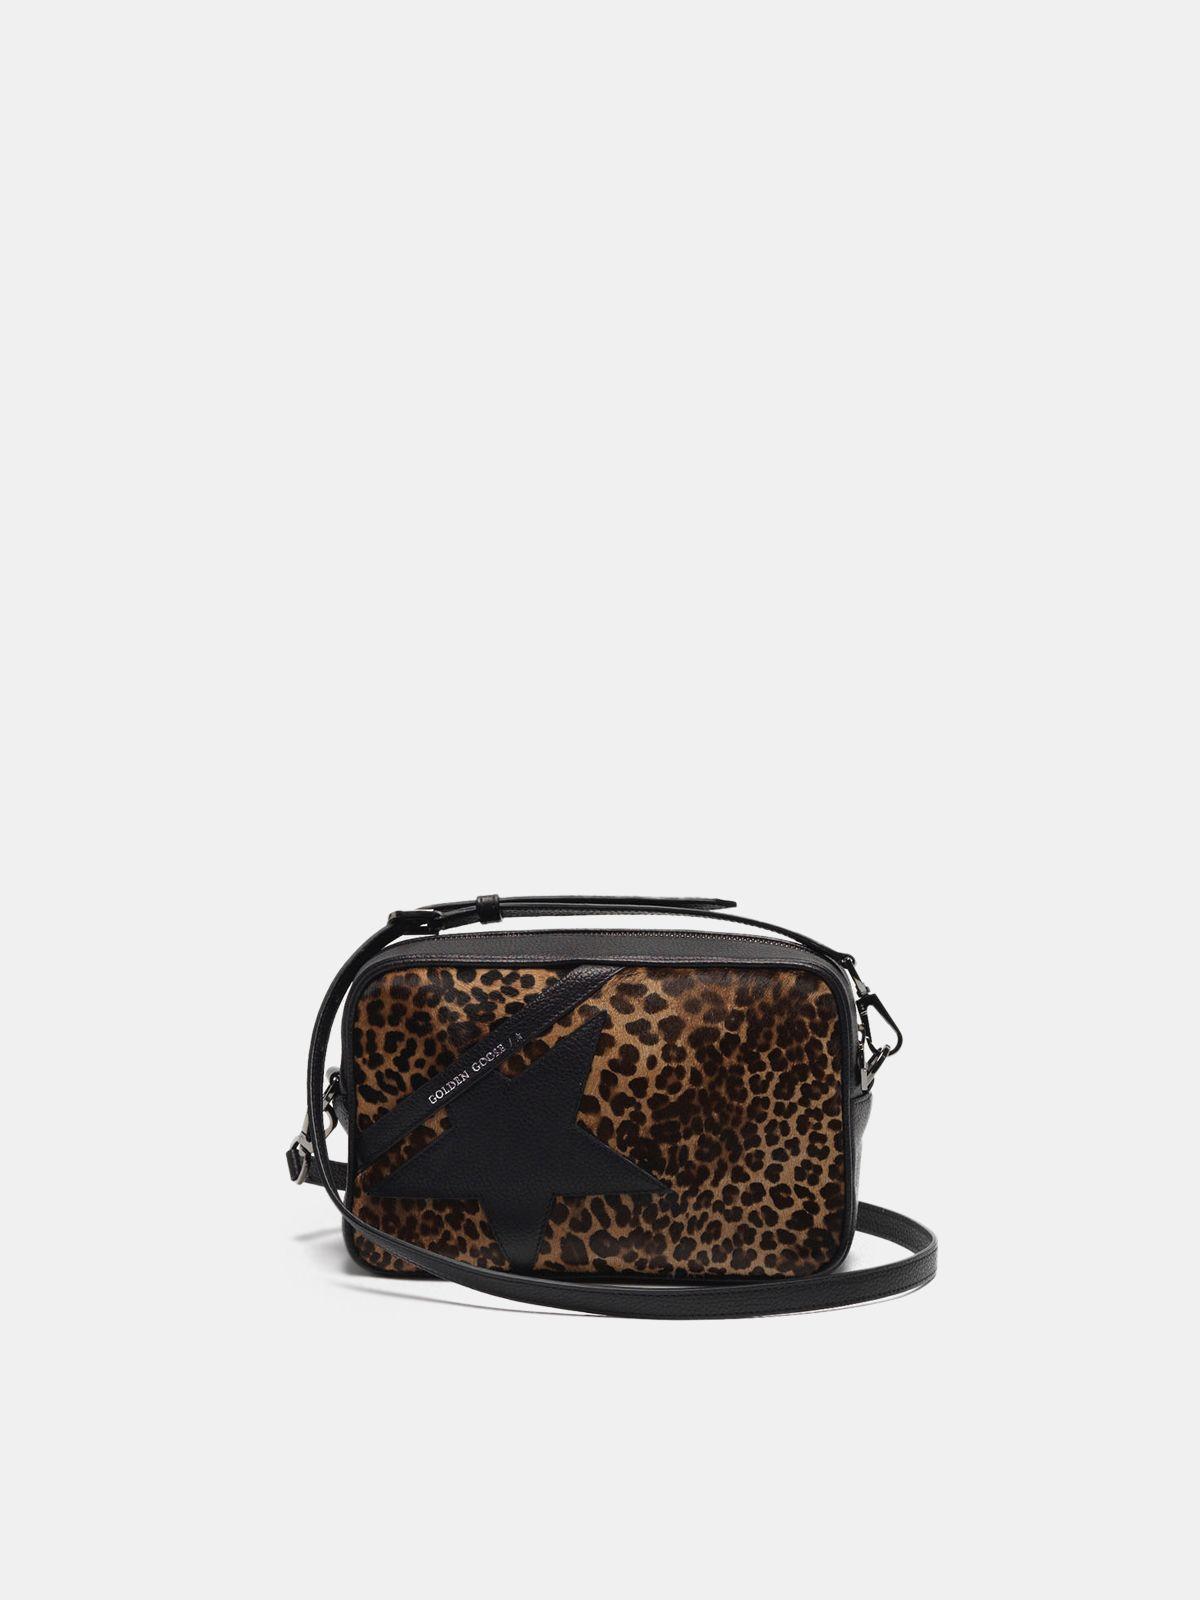 Golden Goose - Borsa Star Bag in cavallino stampa leopardata in